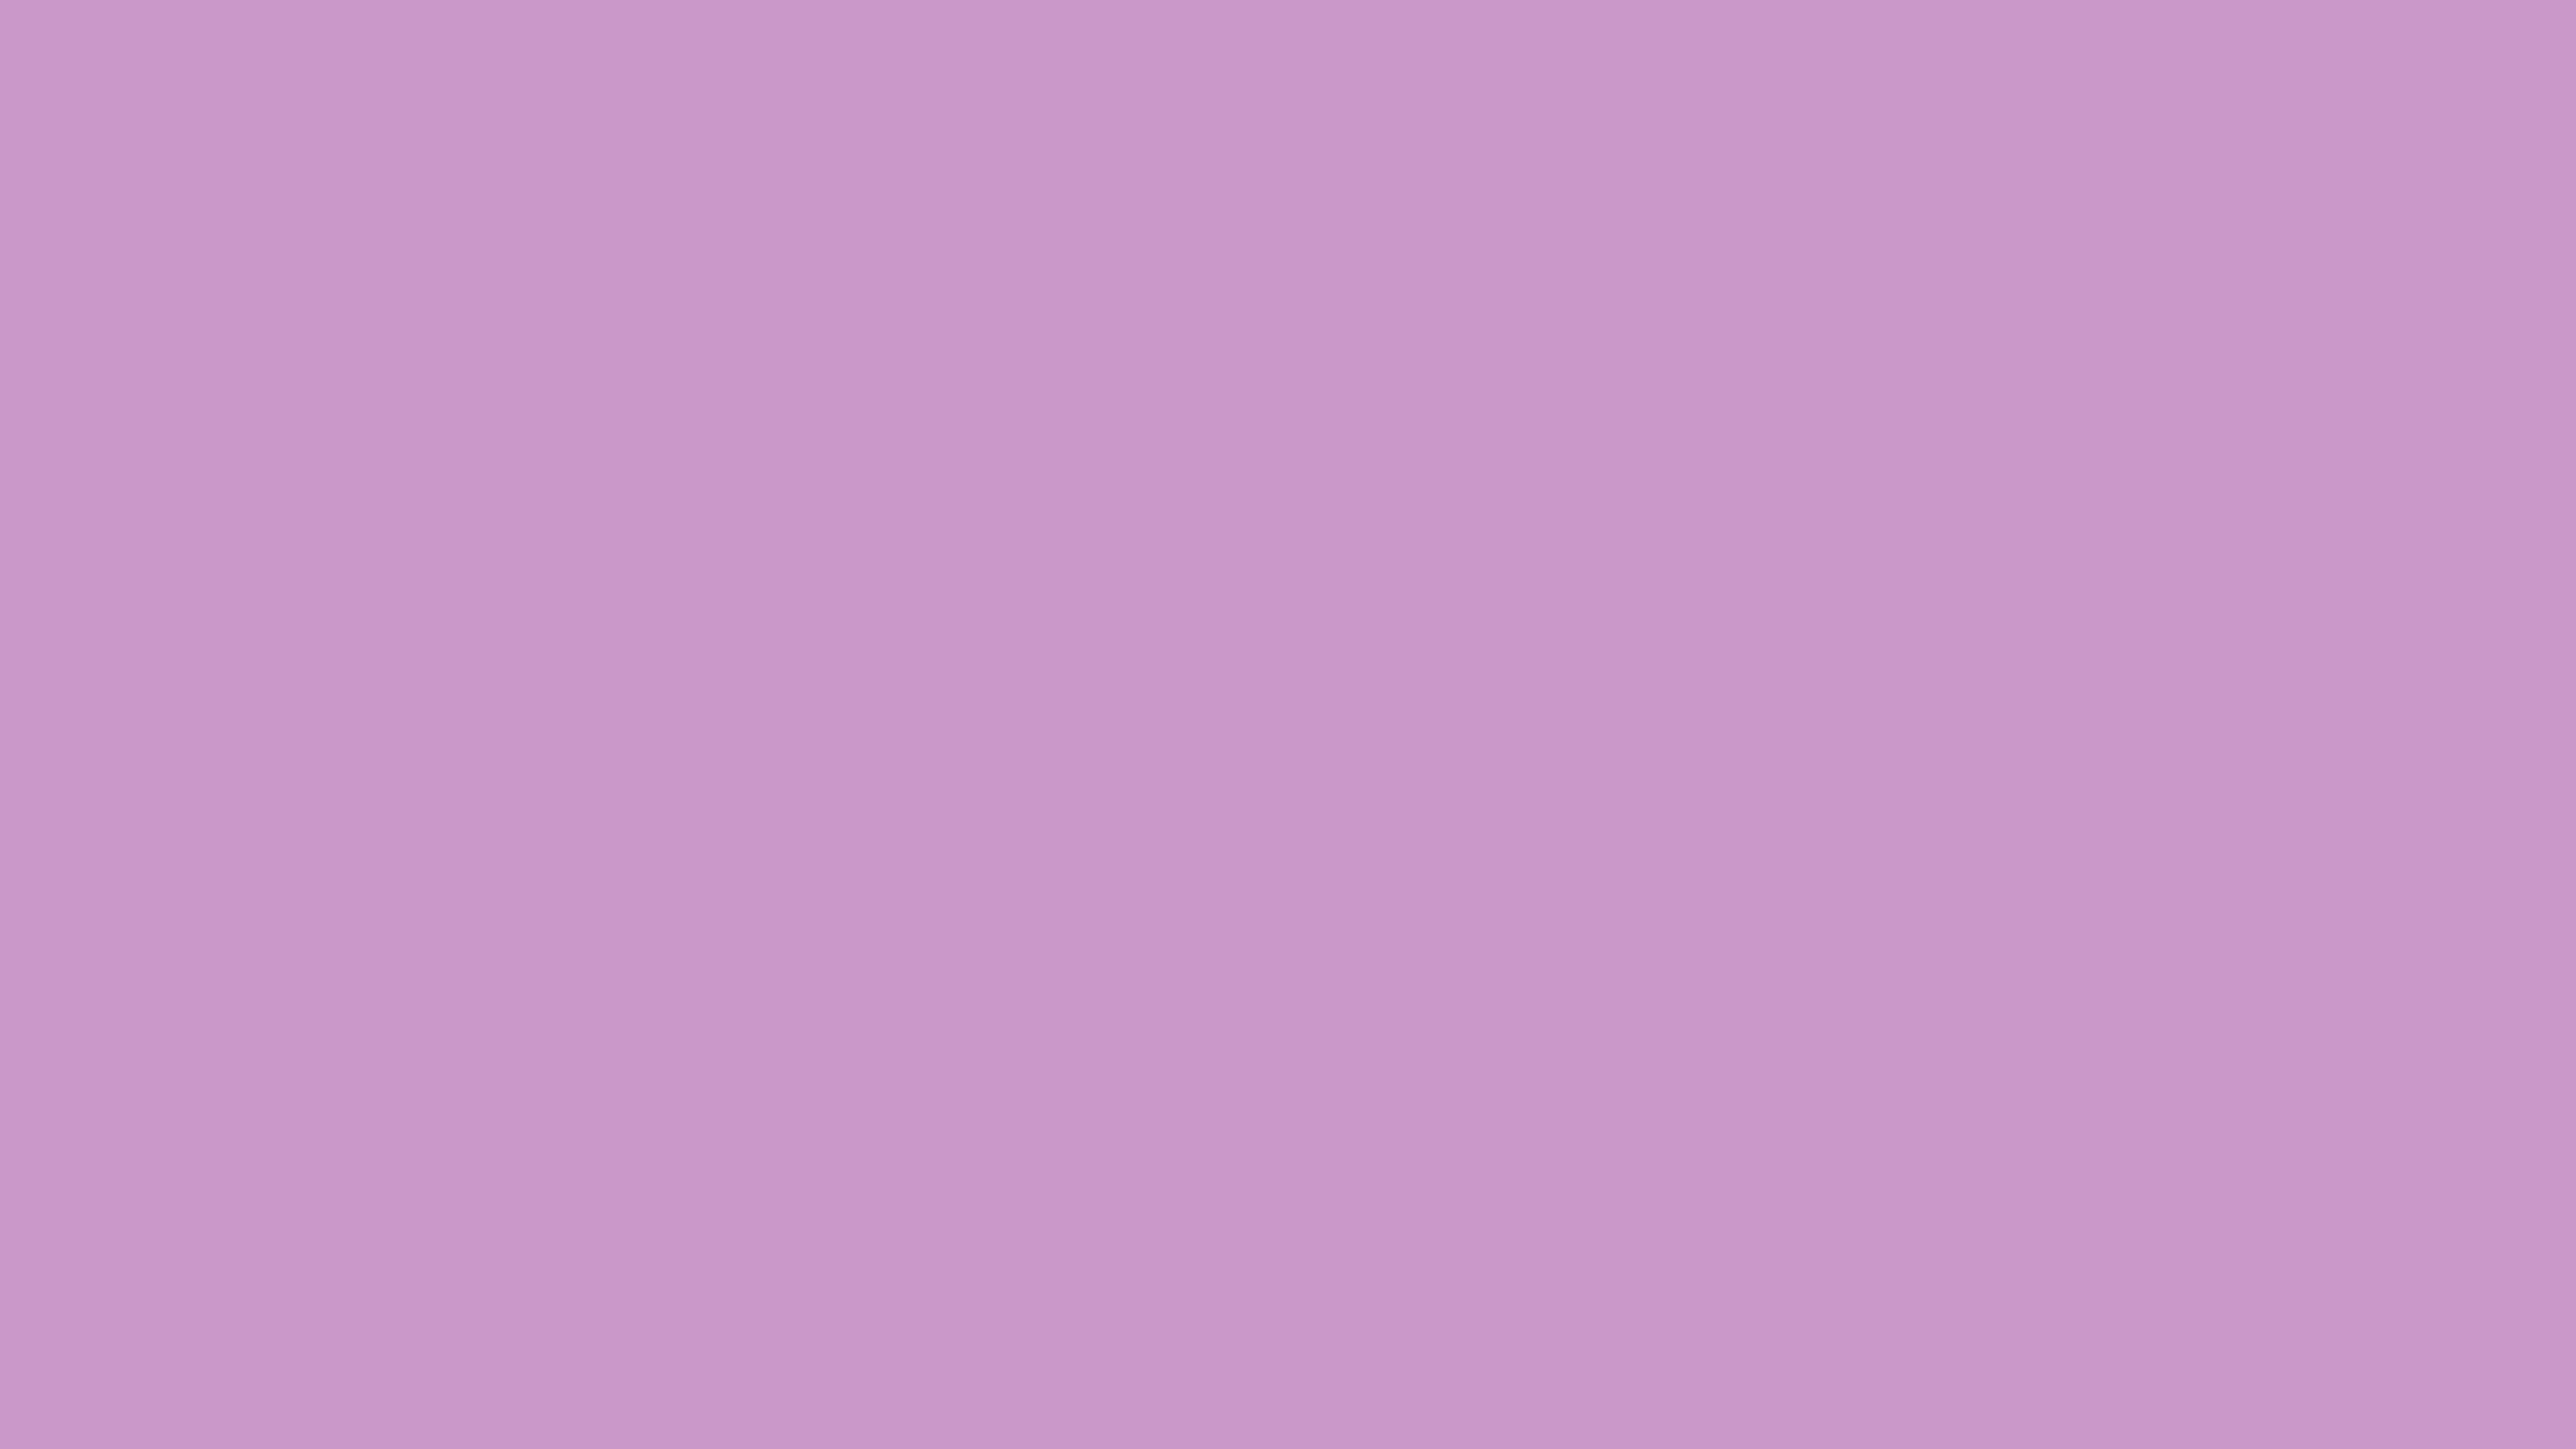 7680x4320 Pastel Violet Solid Color Background